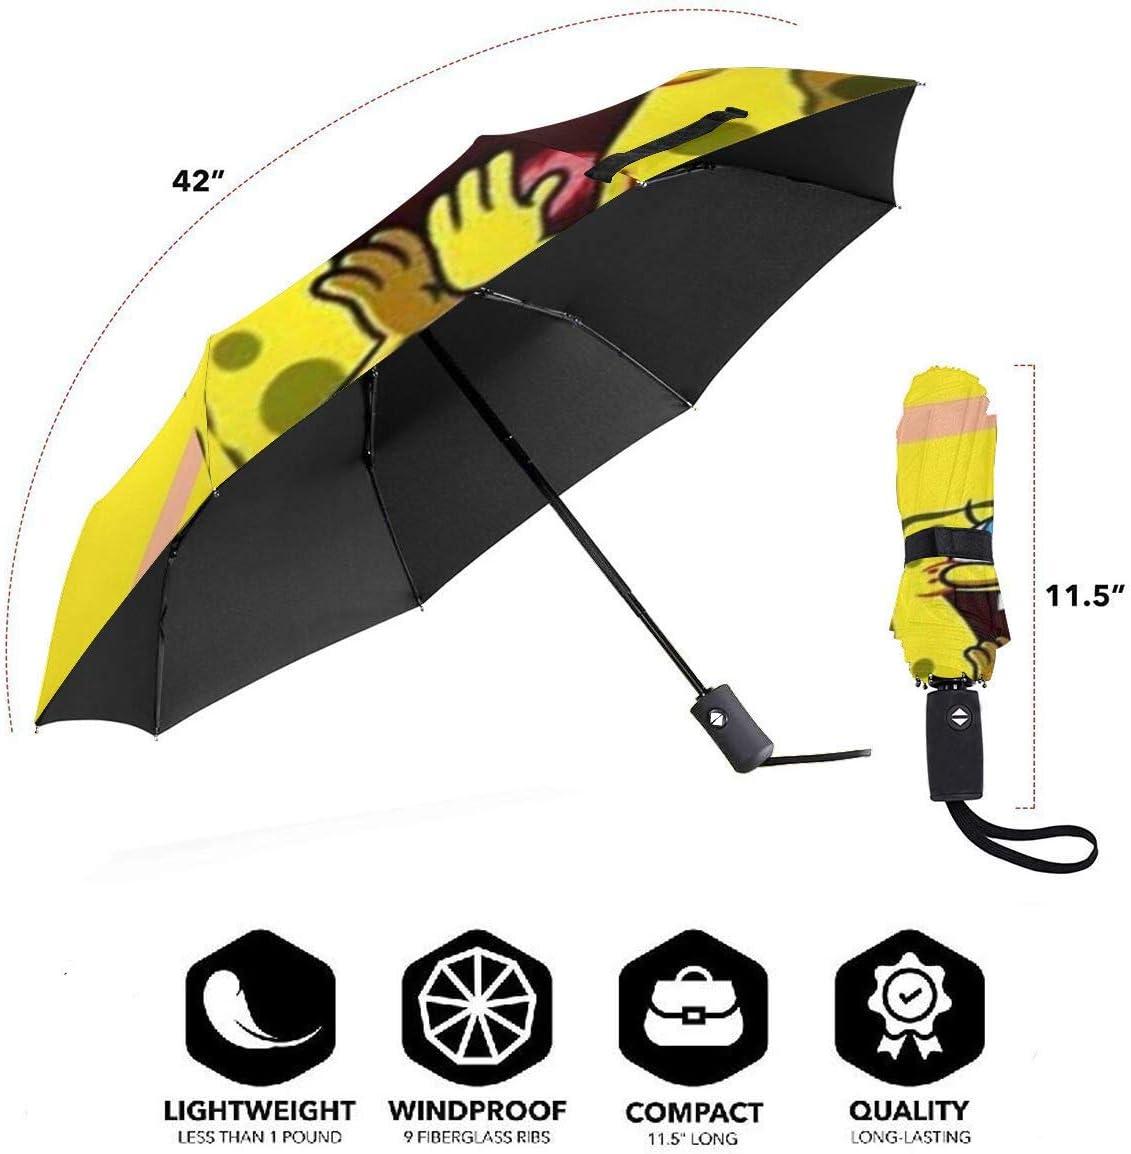 Windproof Travel Umbrella Spongebob Squarepants Compact Folding Umbrella Automatic Open//Close